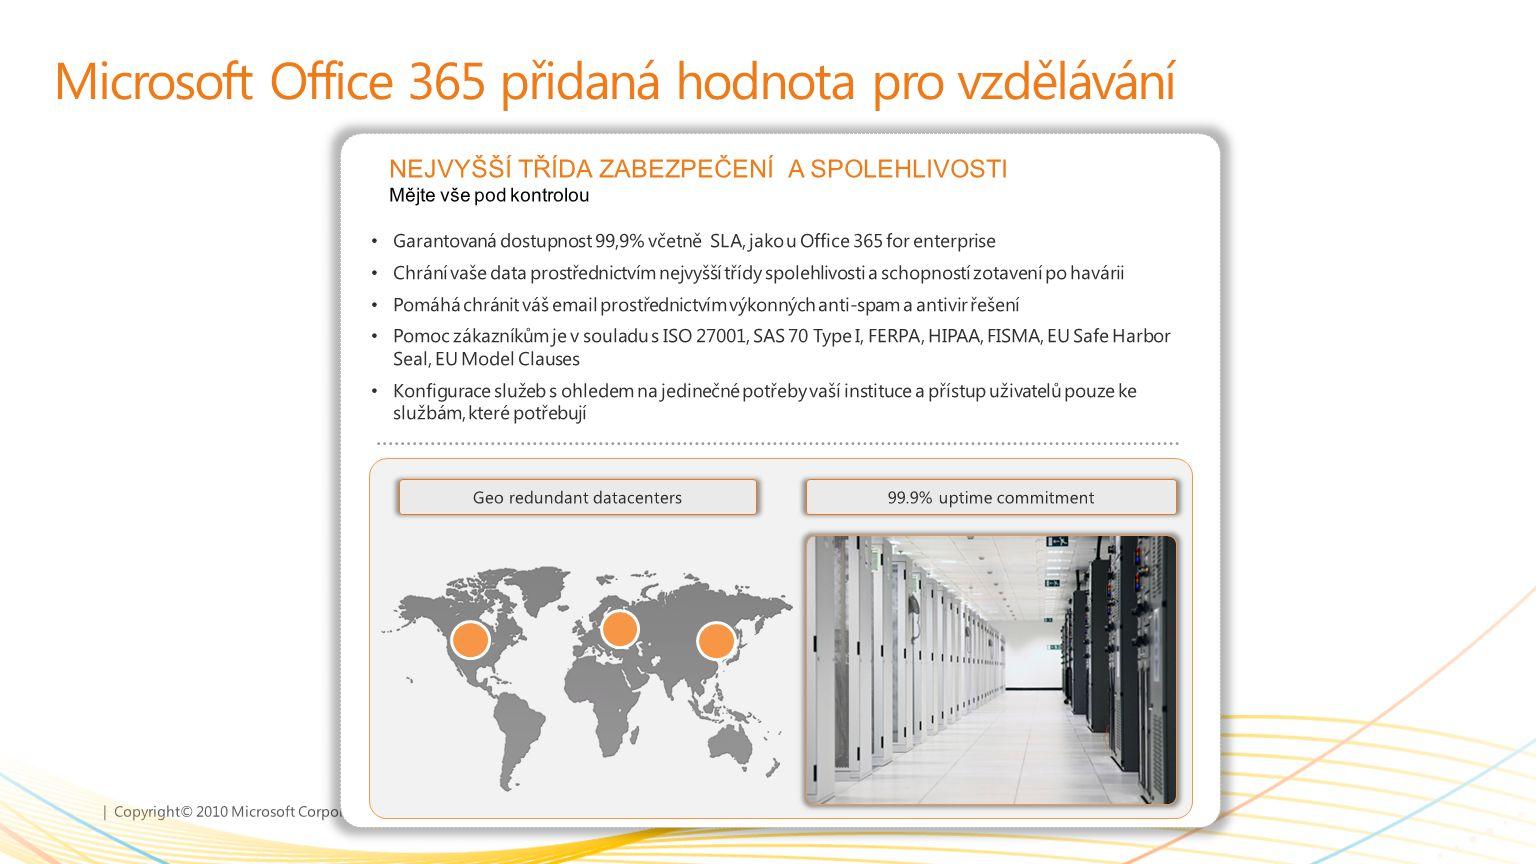 | Copyright© 2010 Microsoft Corporation Microsoft Office 365 přidaná hodnota pro vzdělávání Garantovaná dostupnost 99,9% včetně SLA, jako u Office 365